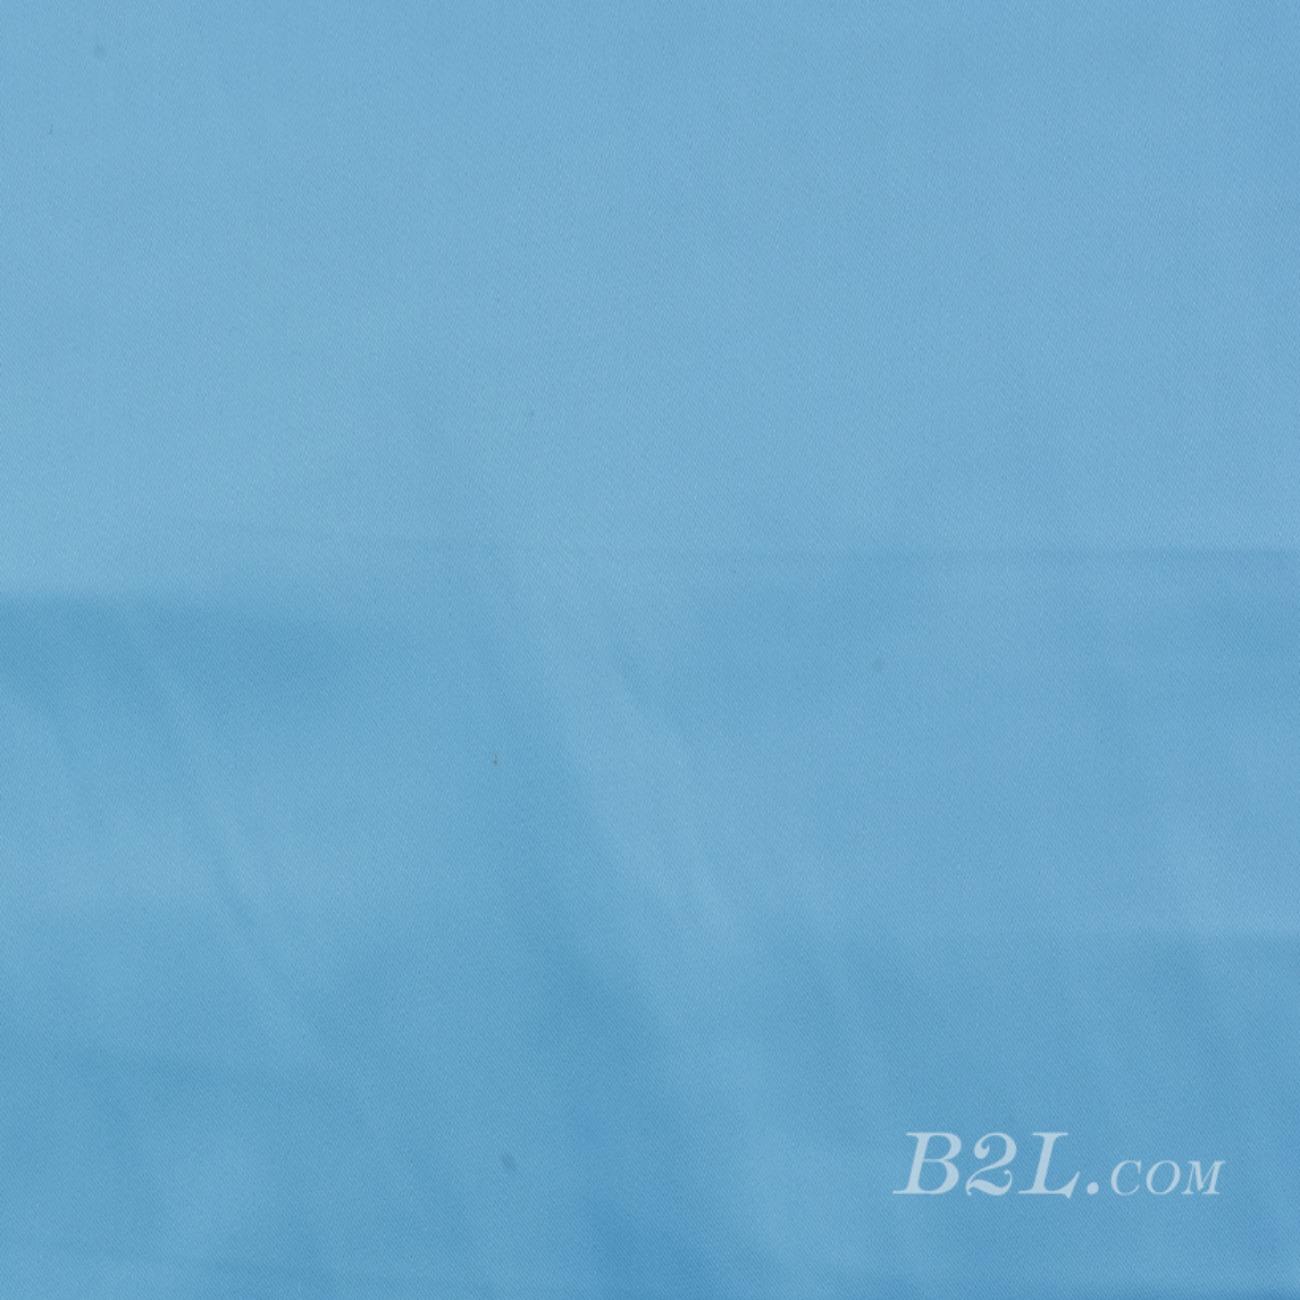 素色 梭织 染色 细腻 缎纹 春夏  衬衫 连衣裙 91102-17